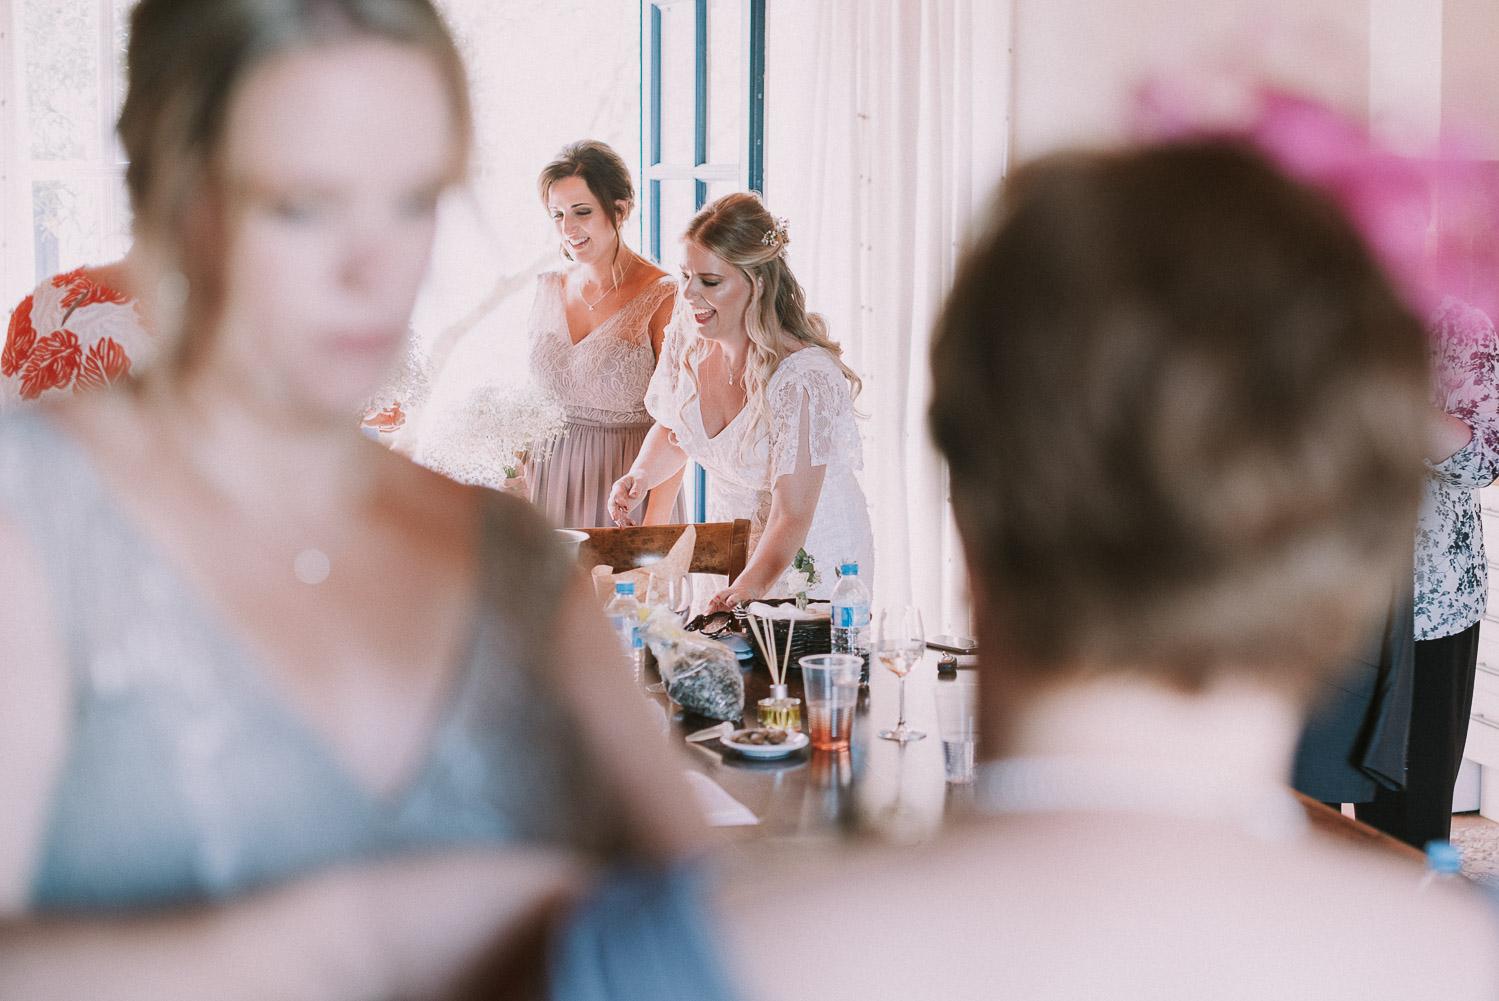 chateau_canet_carcassonne_wedding_katy_webb_photography_france_UK76